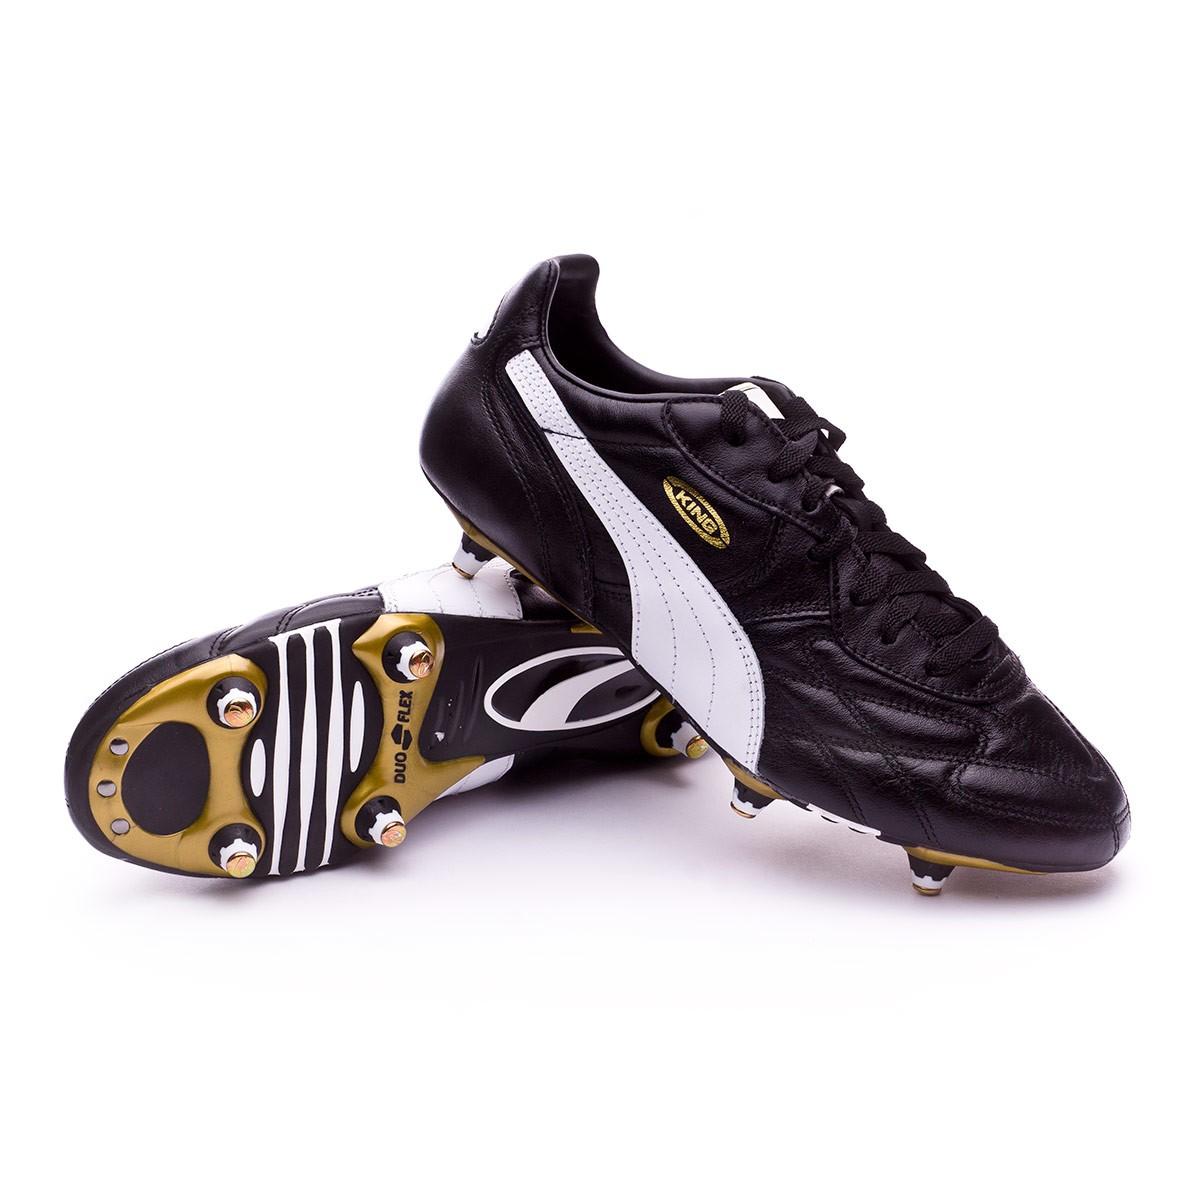 Boot Puma King Pro SG black-white-team gold - Leaked soccer 46623dc321b